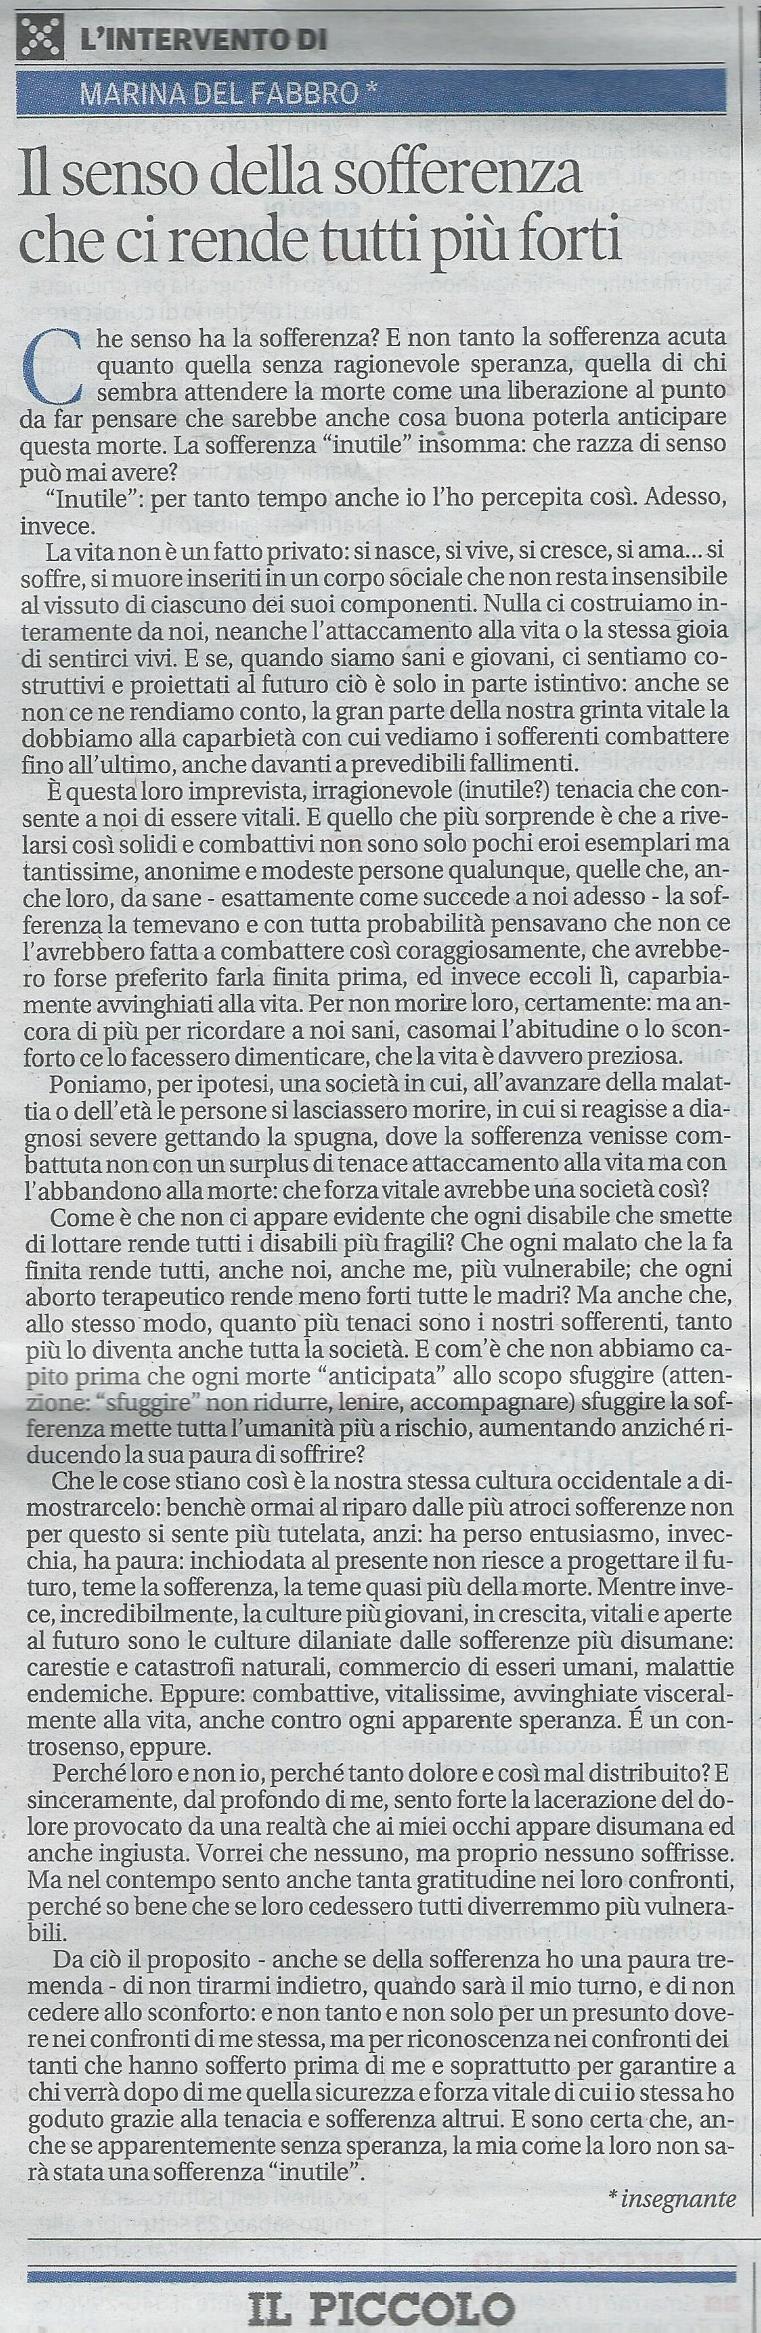 2013-09-20 Il Piccolo pagina 34 Intervento Del Fabbro